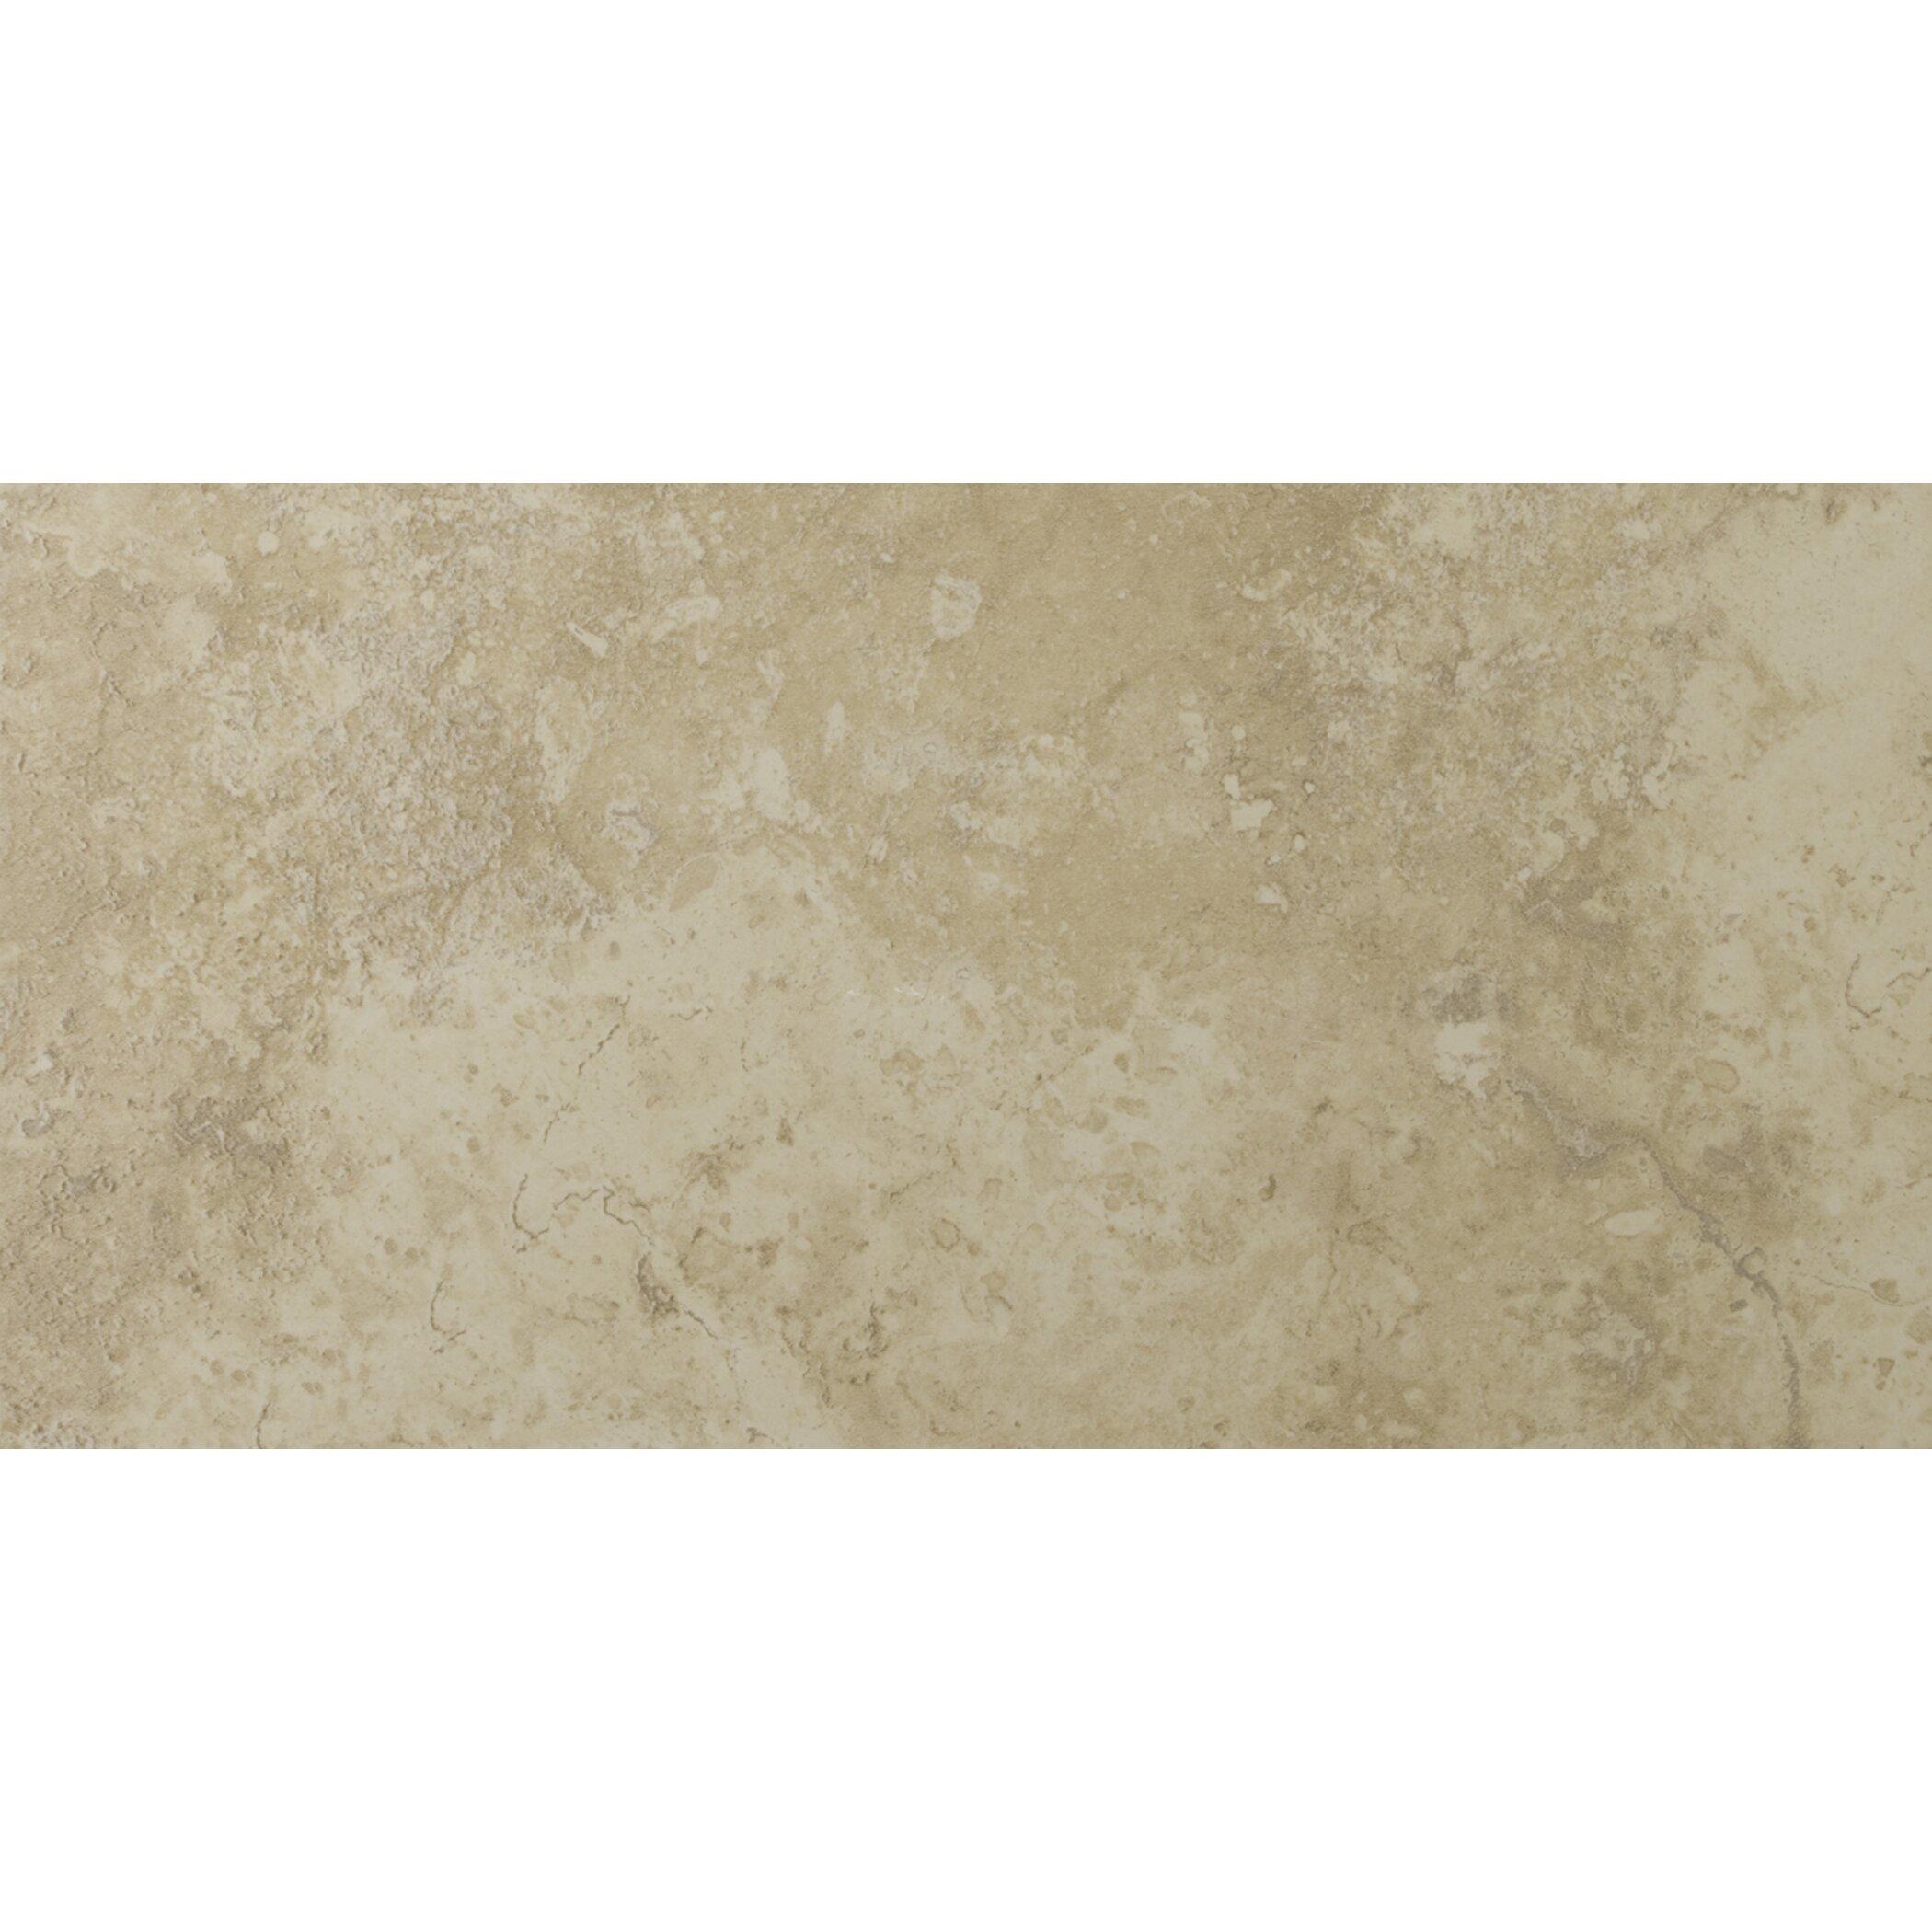 Emser tile lucerne 12 x 24 porcelain field tile in alpi for 12 x 24 ceramic floor tile